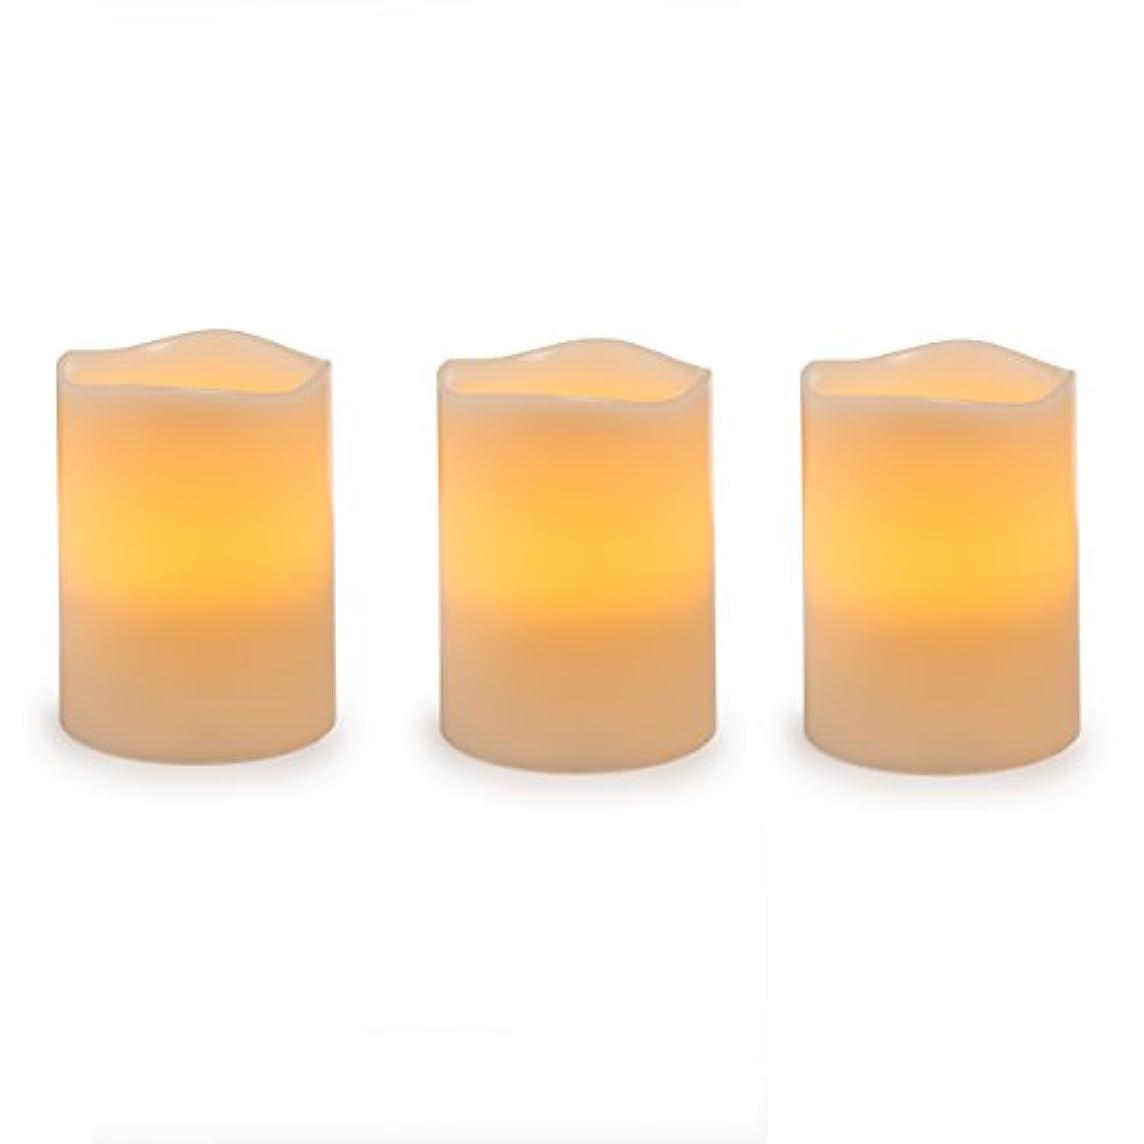 敬割り当てます麺Darice電池式LED Pillar Candleセット、3ピース